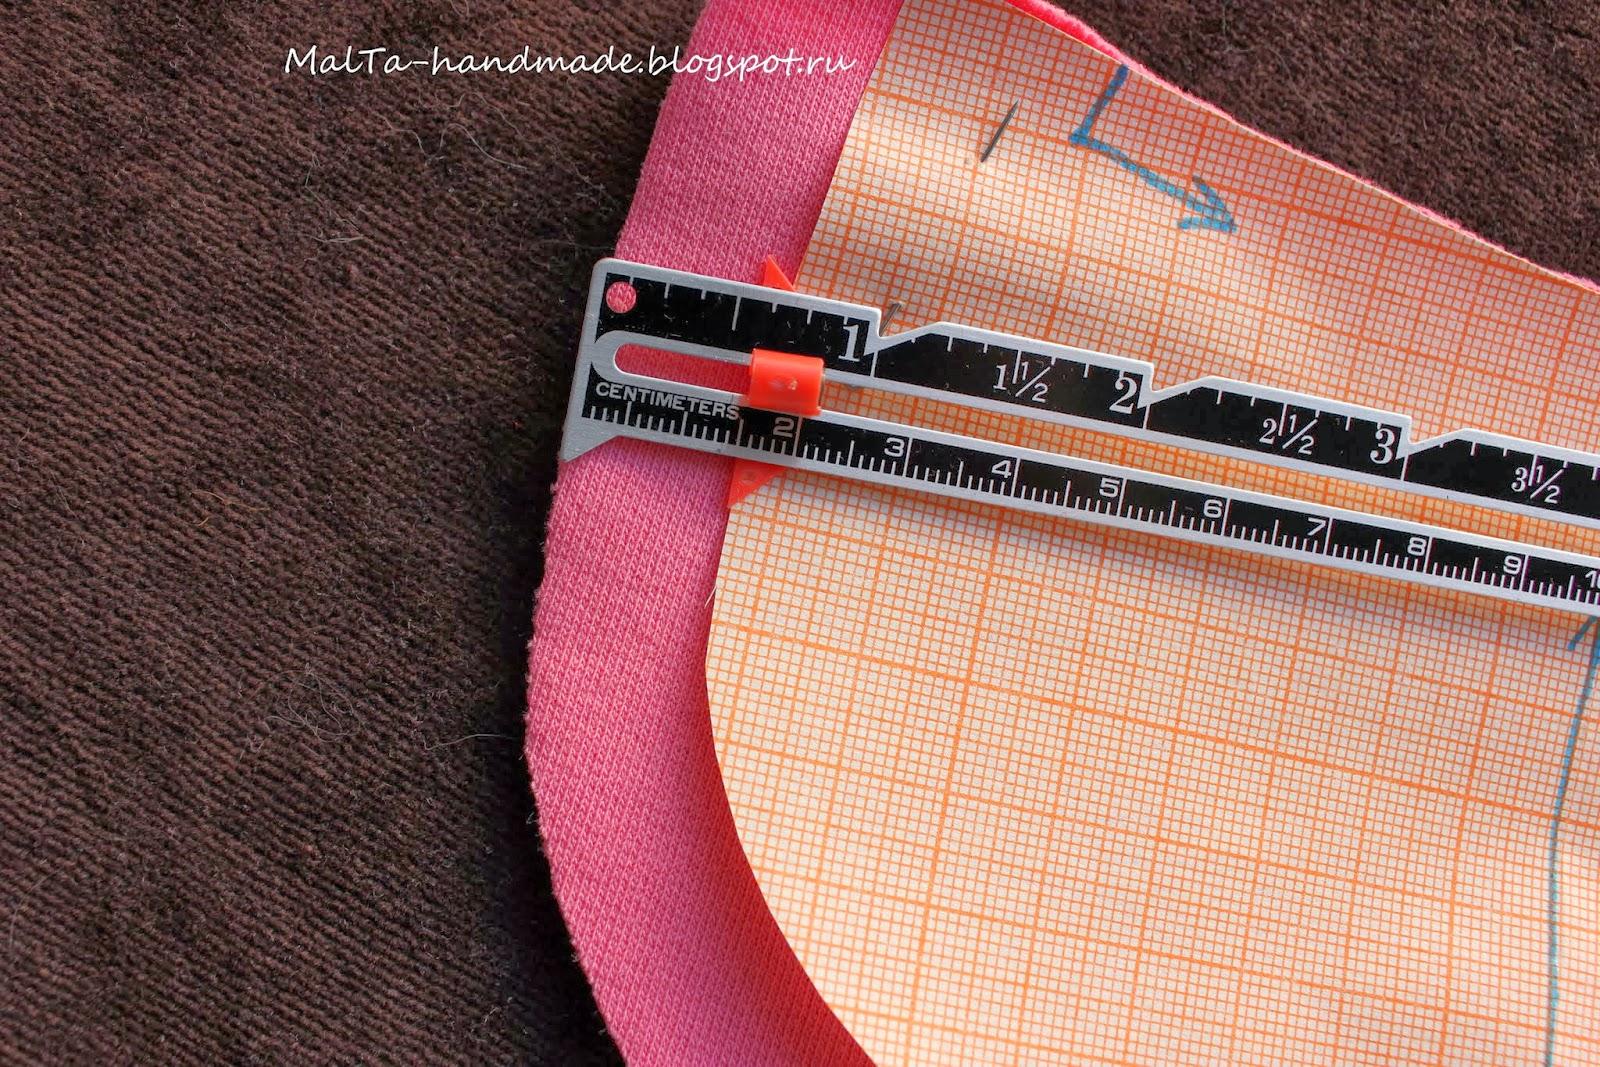 0d39f57065d malta-handmade  МК и выкройка карманов со спрятанными швами притачивания